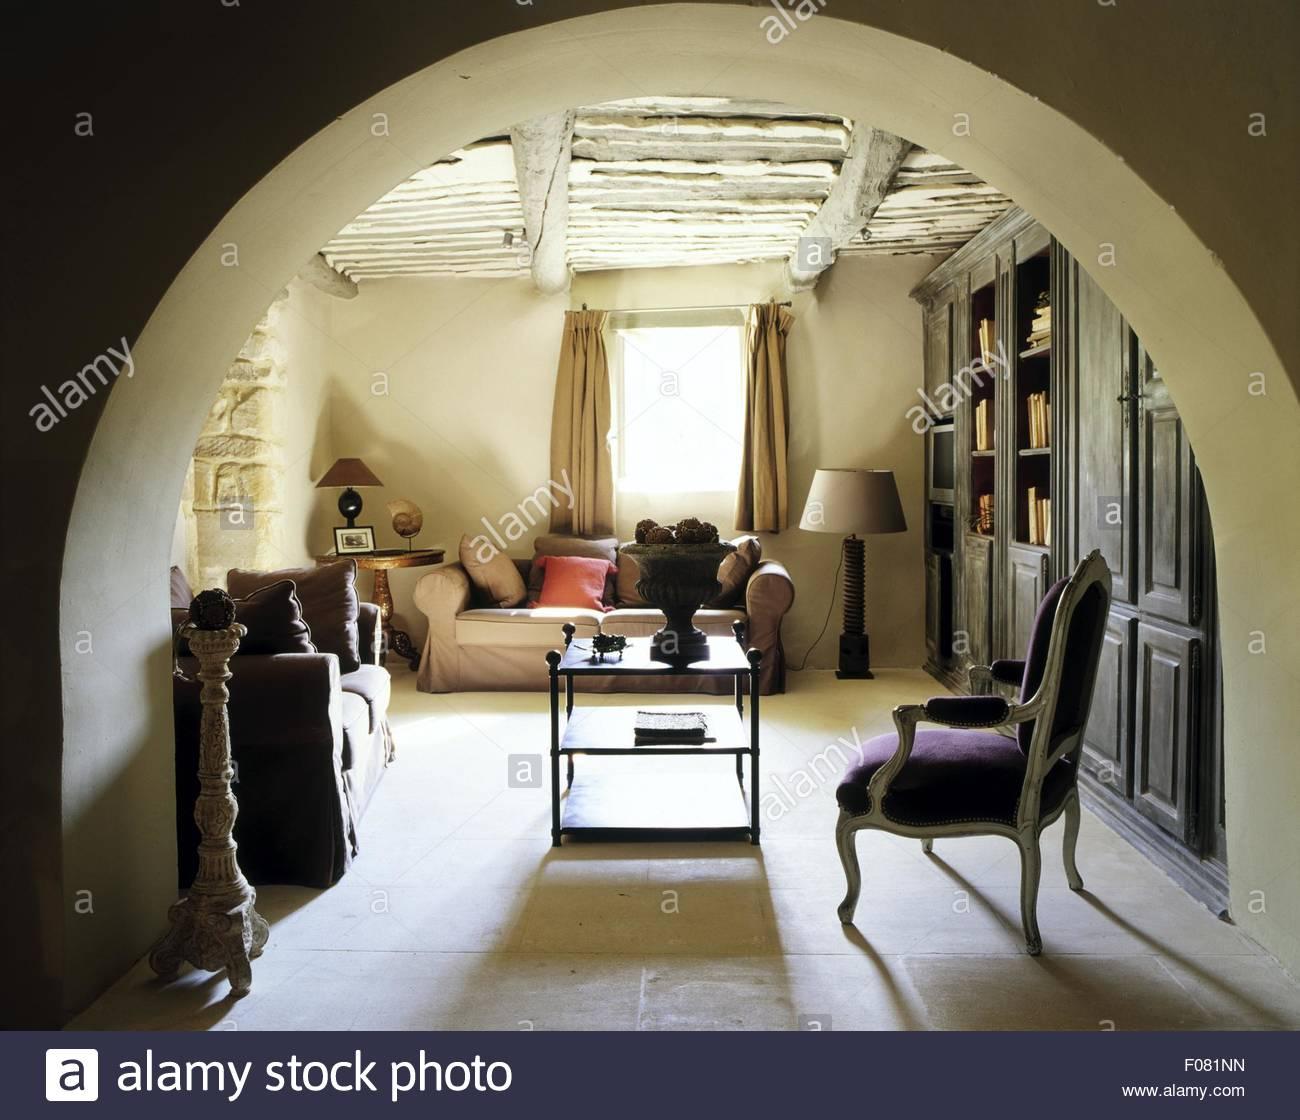 Wohnzimmer Mit Balkendecke Und Sofa Vor Fenster Provence